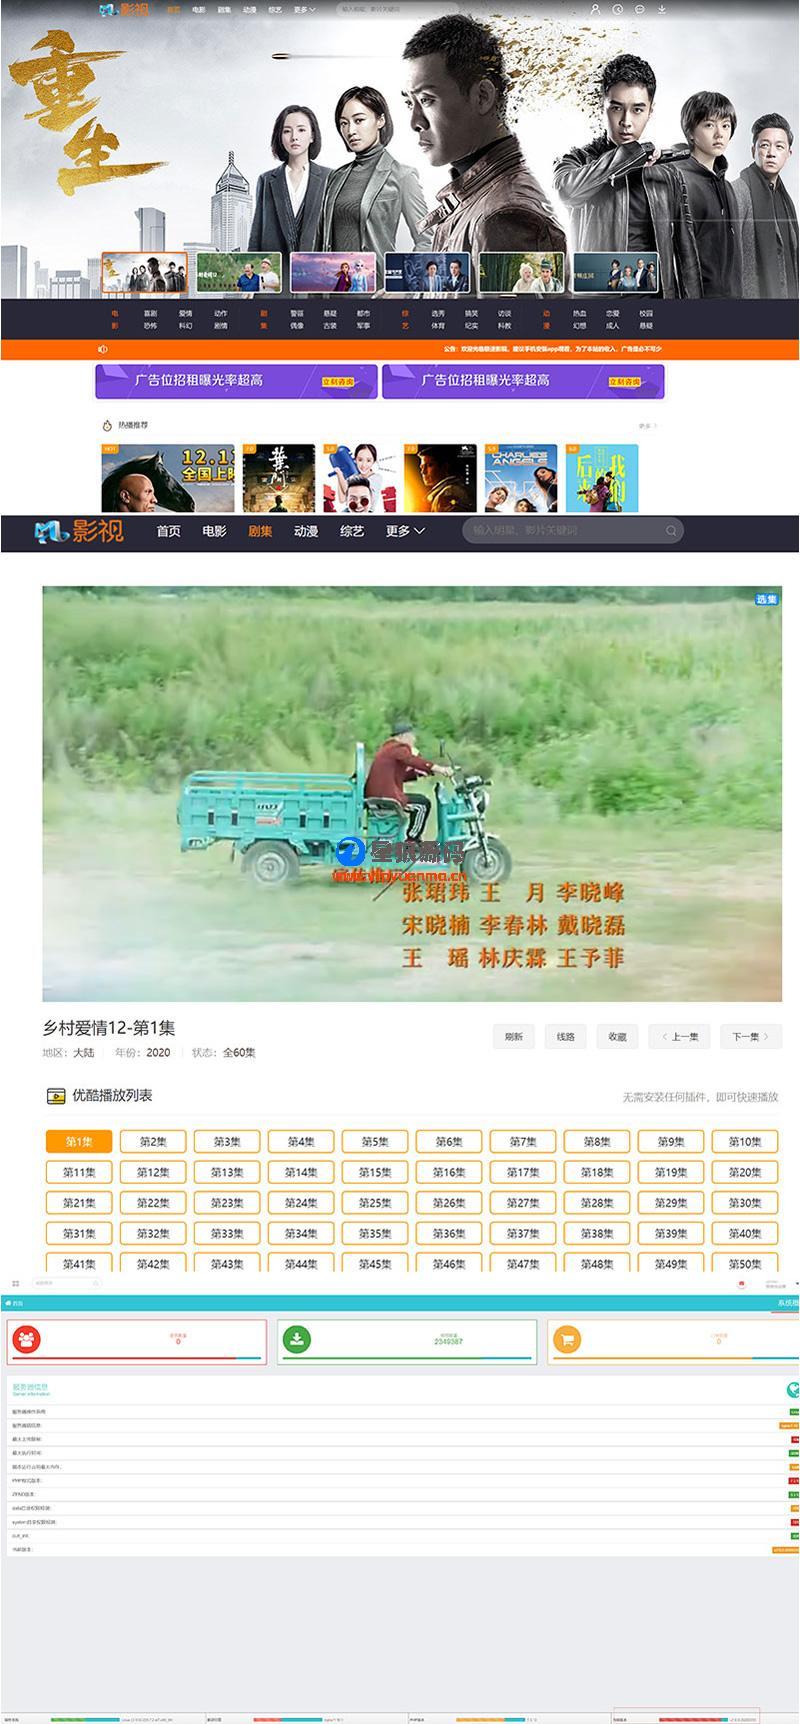 2020版MKCMS米酷影视v7.0.0电影视频网站源码无授权版 第1张